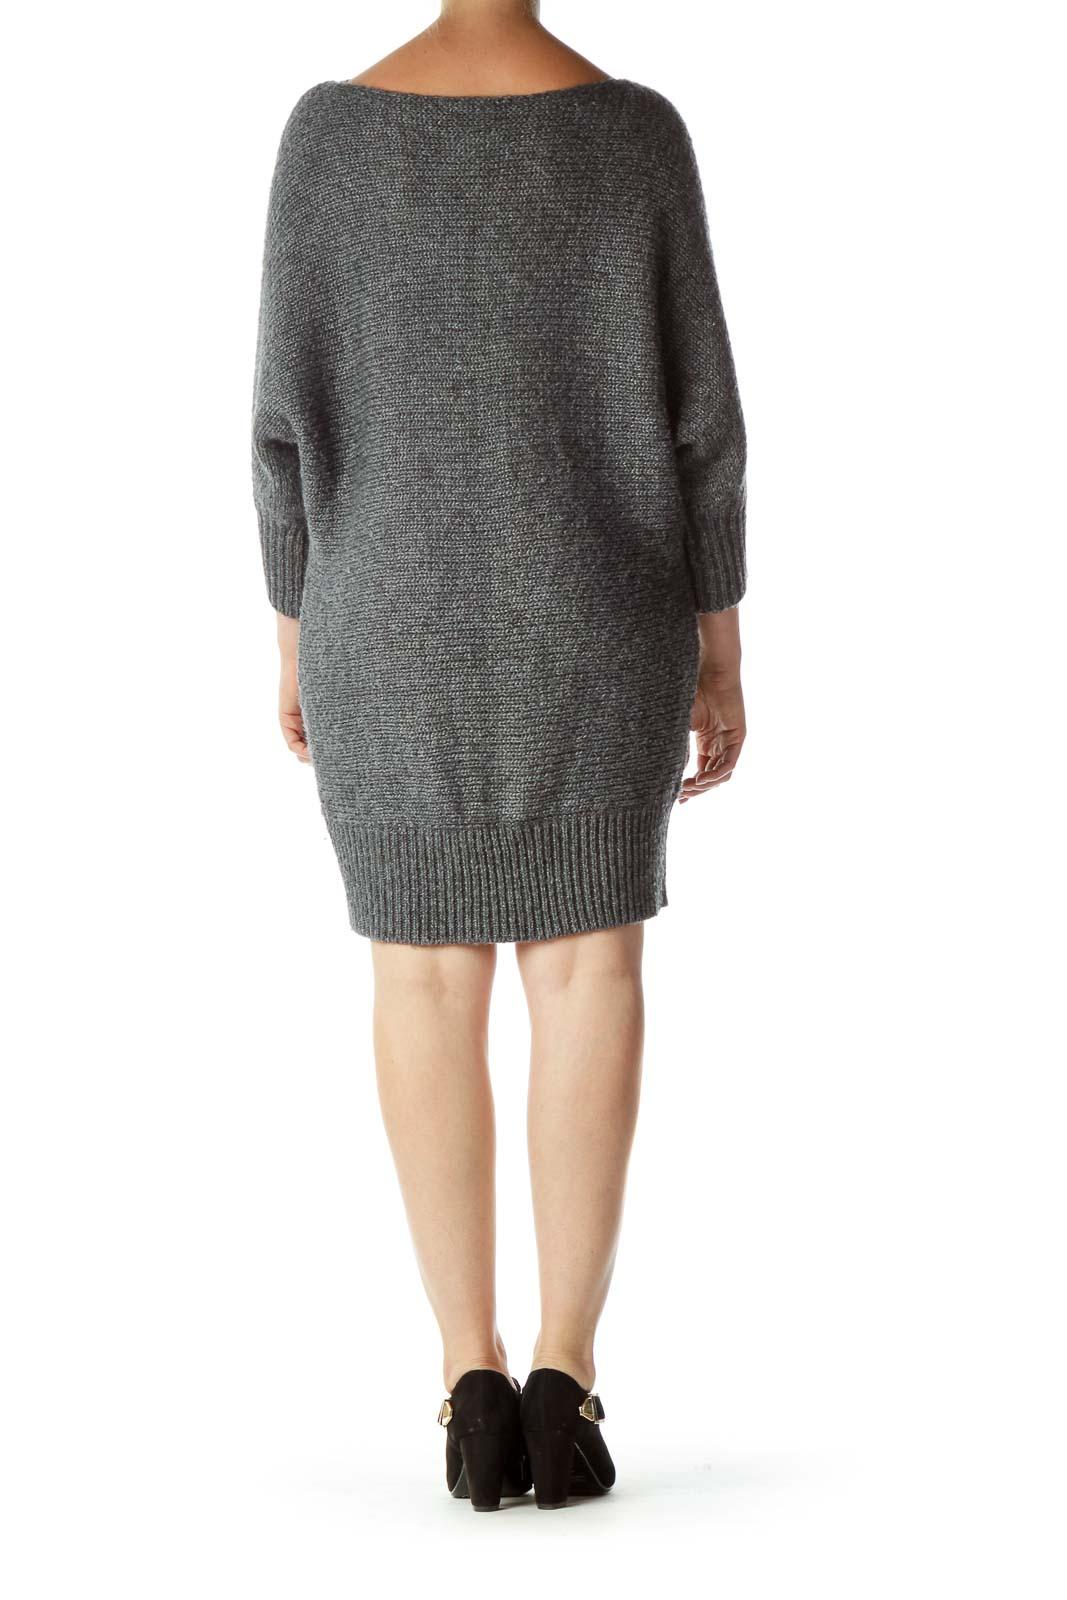 Gray Bat-Sleeve Chunky Knit Dress